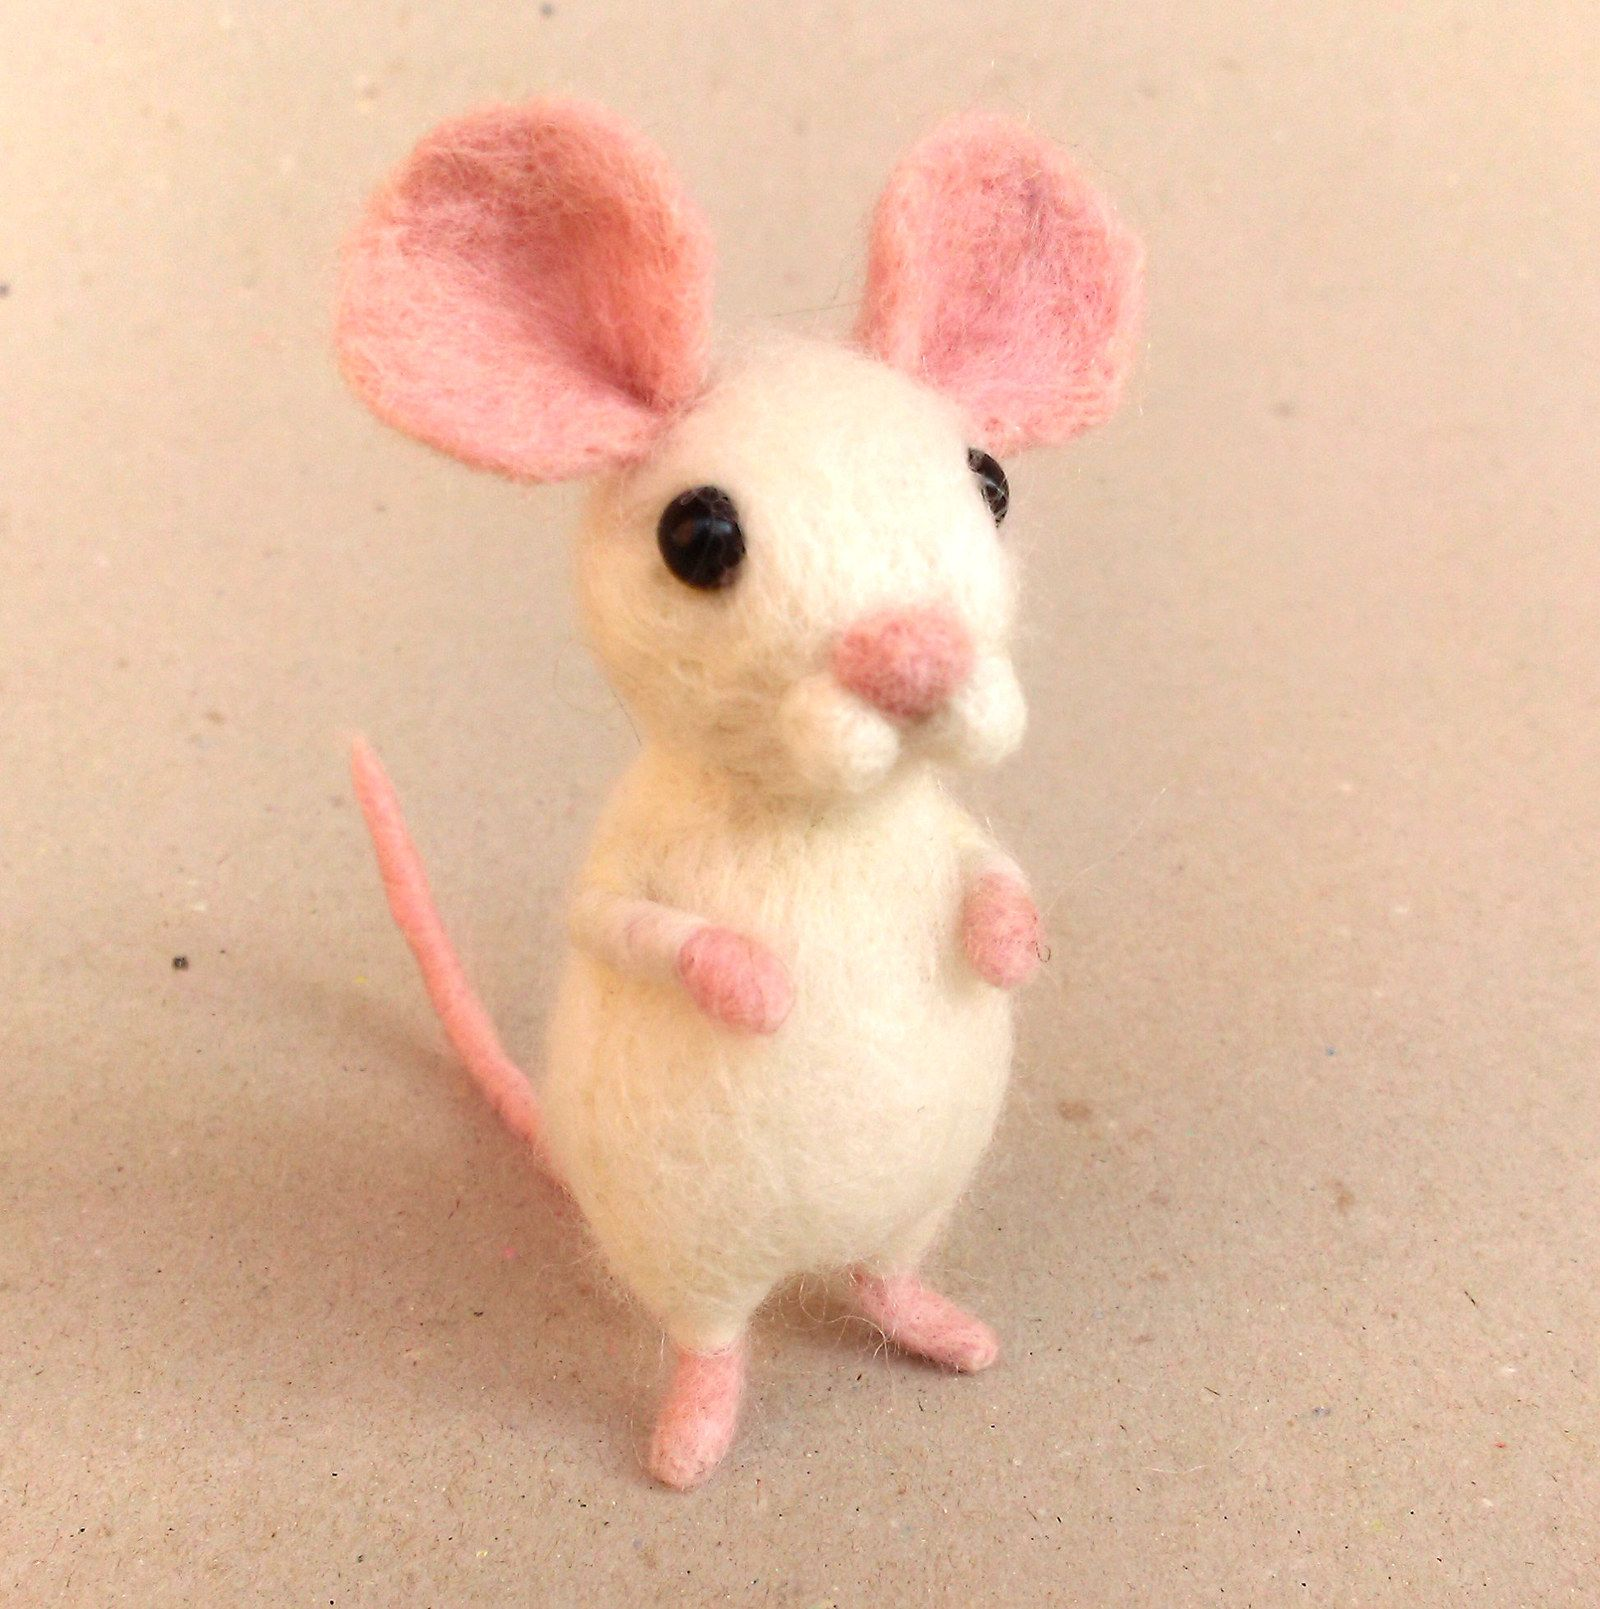 """Myška bílá Jehlou plstěná myška z jemného ovčího rouna merina vysoká cca 10 cm. Ve vydání listu naší místní myší kolonie """"Dnešní hlody"""" jsem si přečetla velice zajímavý článek o blížícím se konci světa. Bylo to tak náramně zajímavé, že jsem si musela dát hned tři dortíčky, abych všechny ty informace náležitě vstřebala. Je jisté, že je spousta věcí ..."""